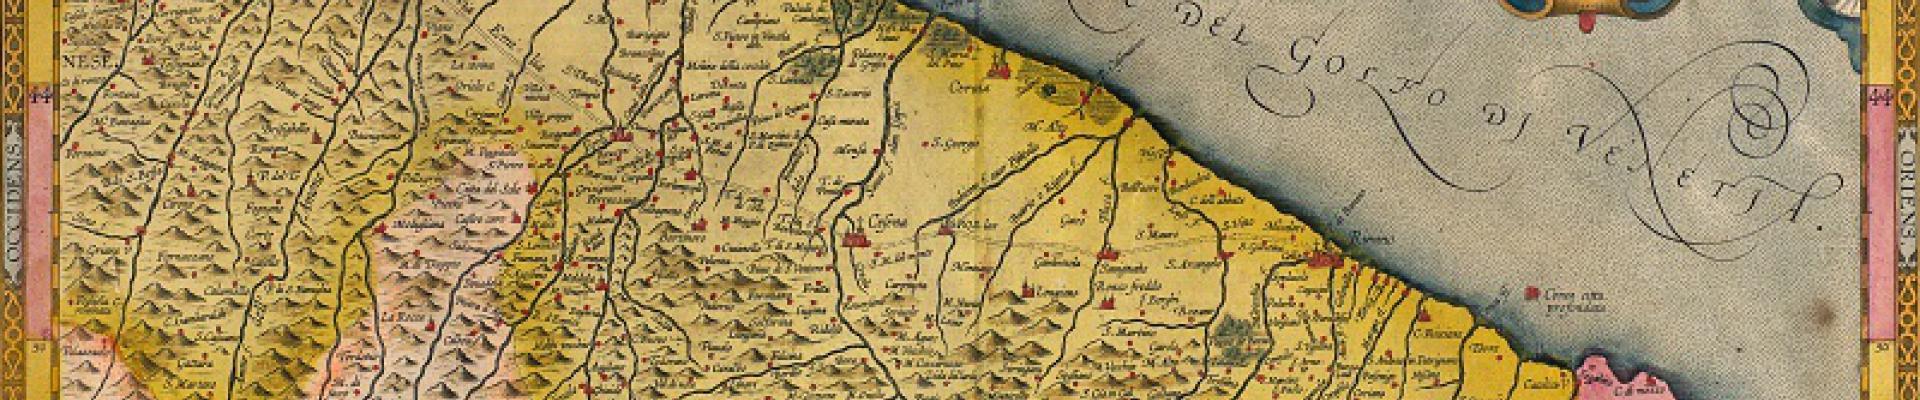 Antica mappa della Romagna